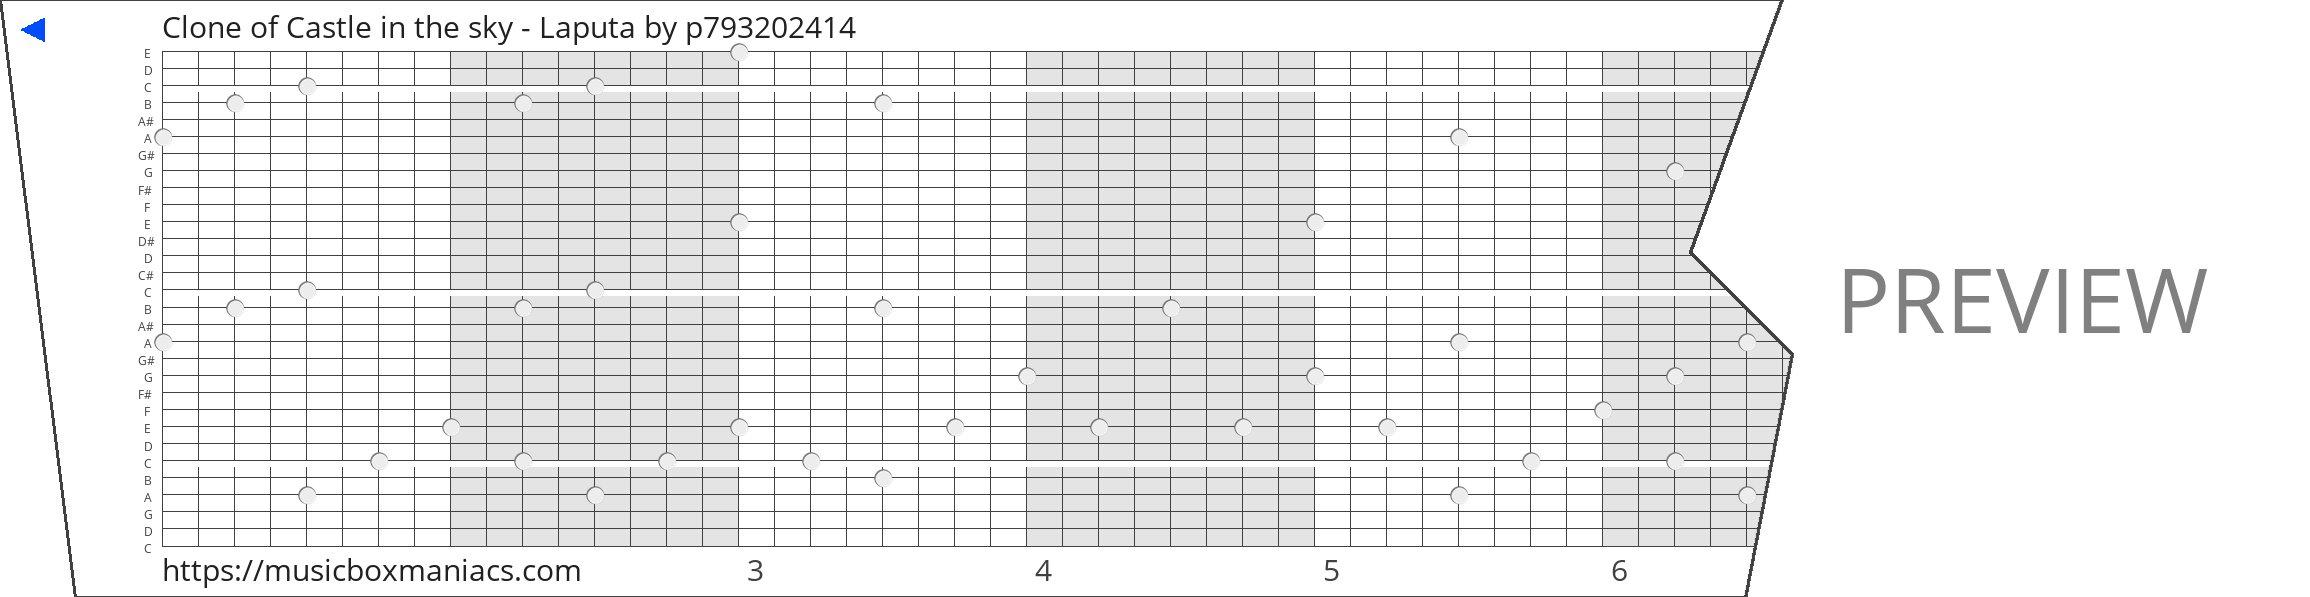 Clone of Castle in the sky - Laputa 30 note music box paper strip